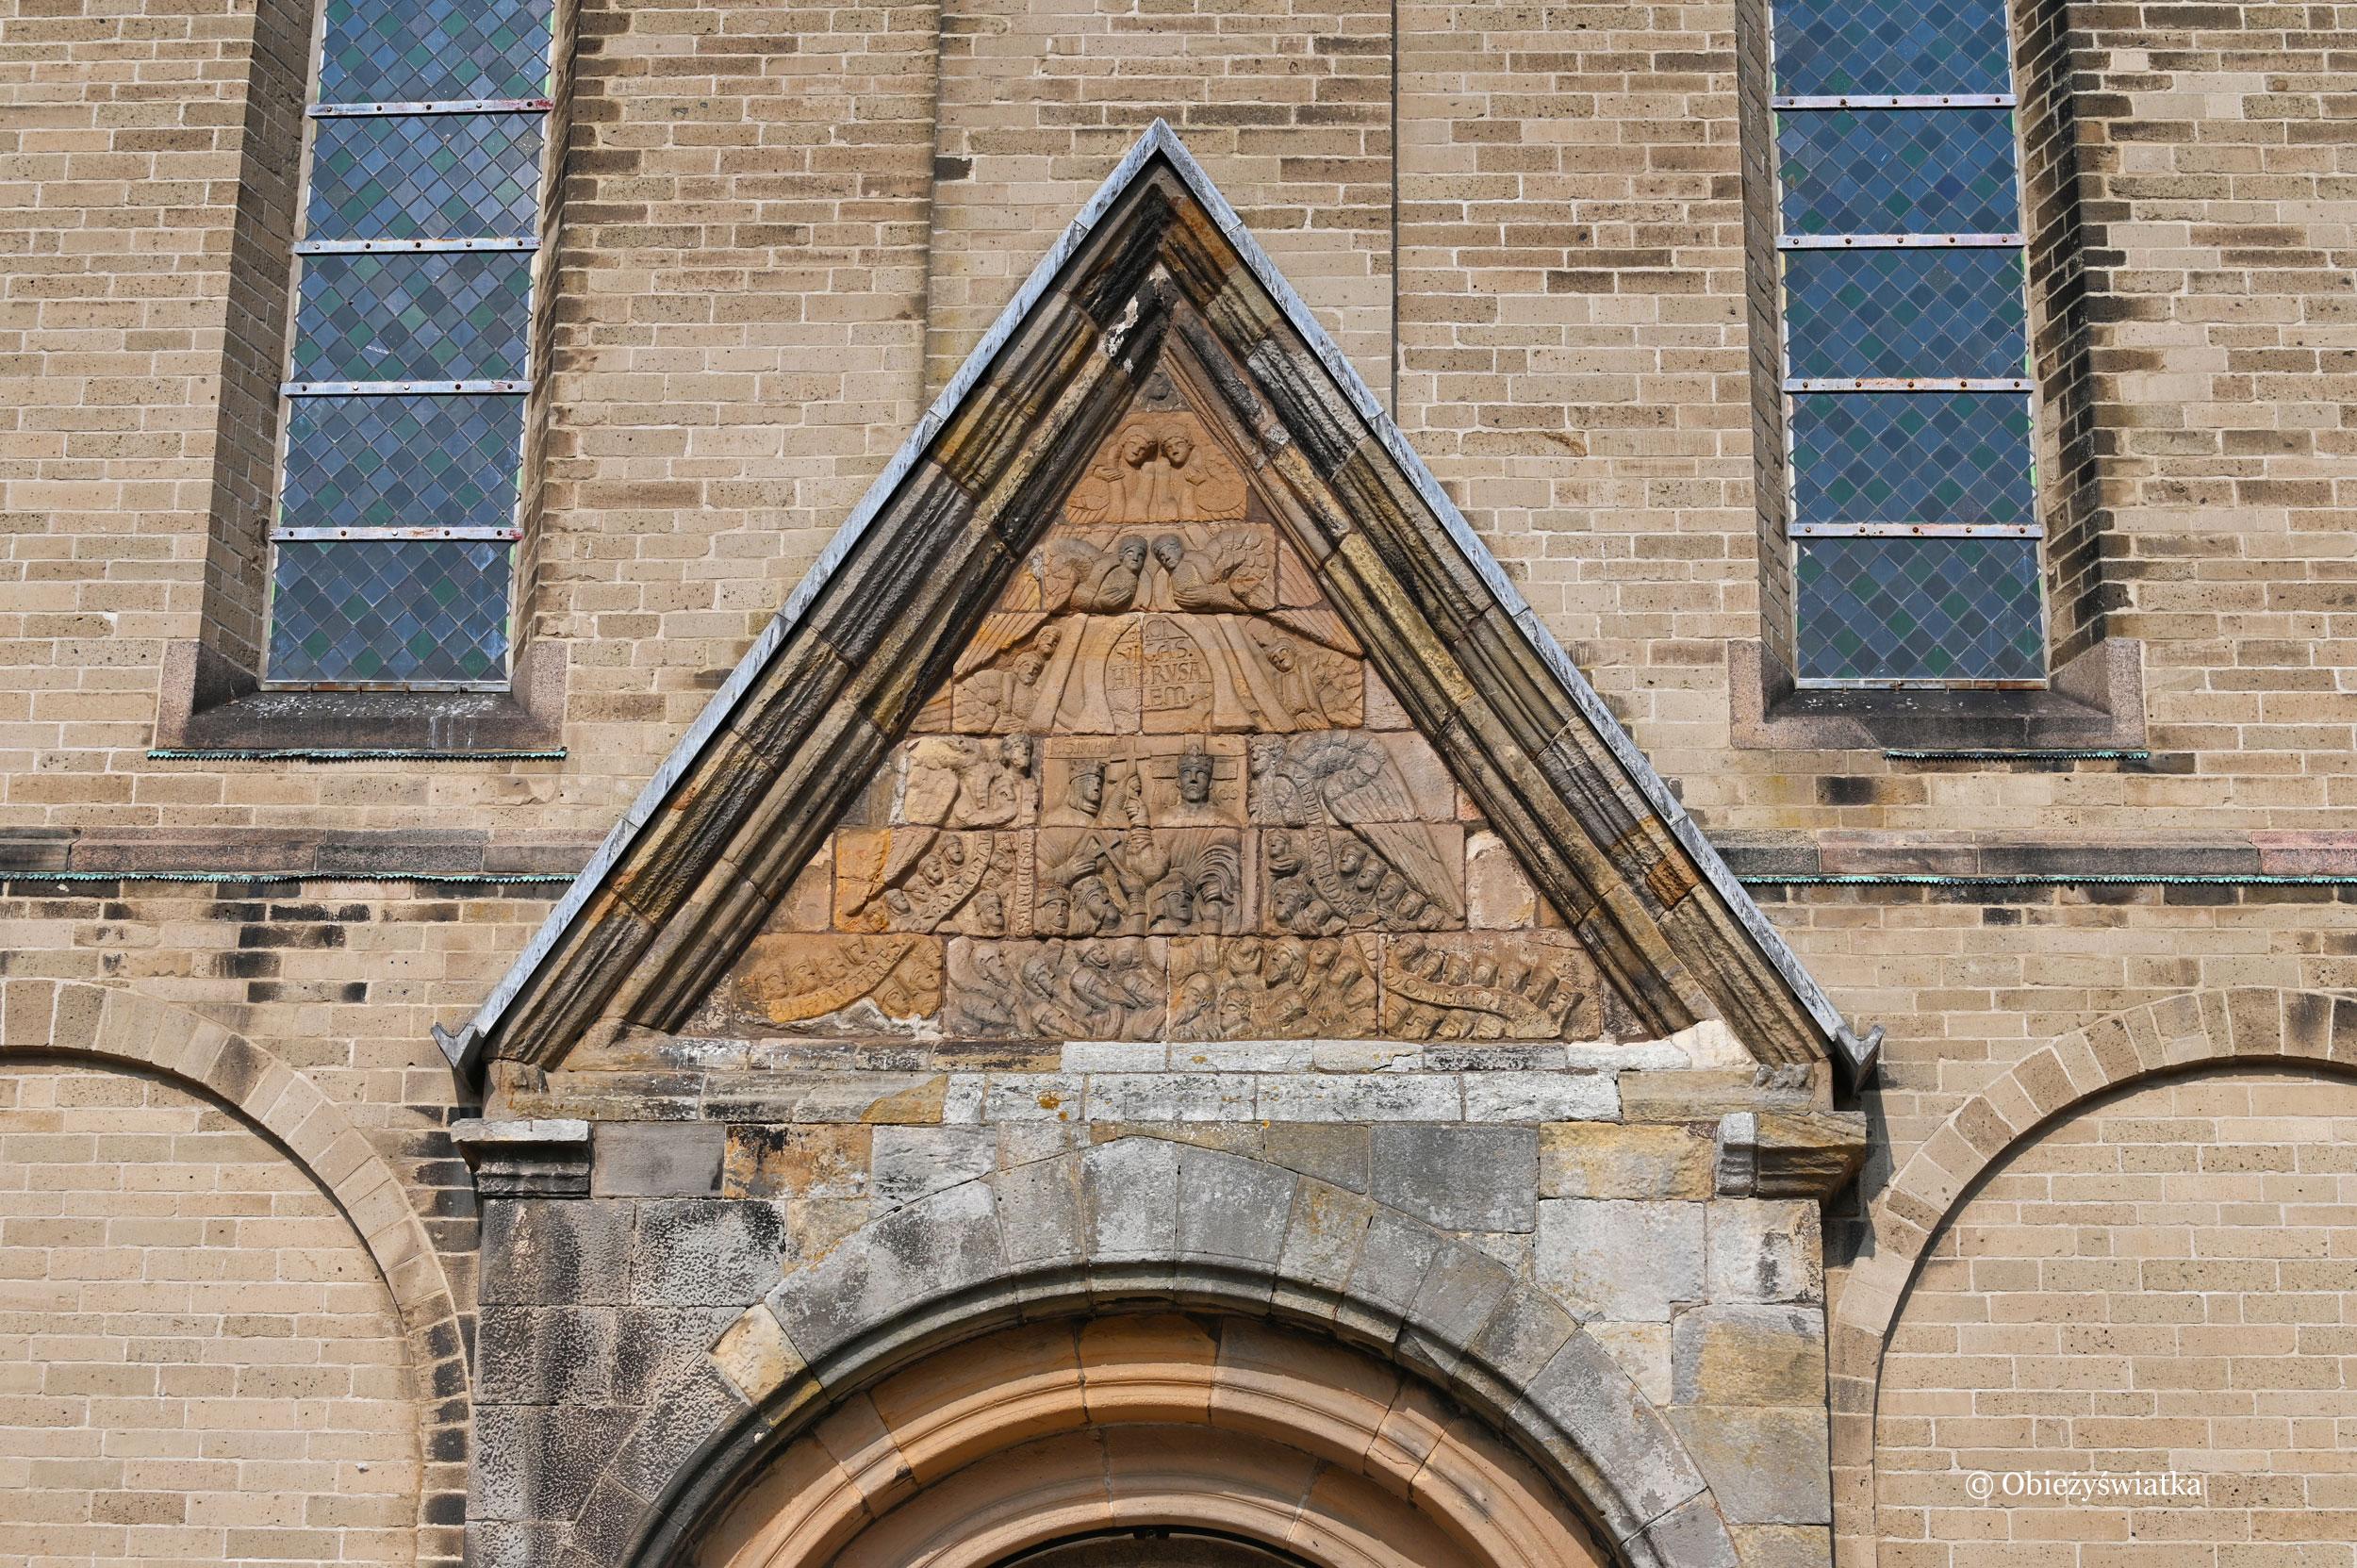 Główne wejście do katedry z XII w. a nad nim relif przedstawiający Sąd Ostateczny, Ribe, Dania